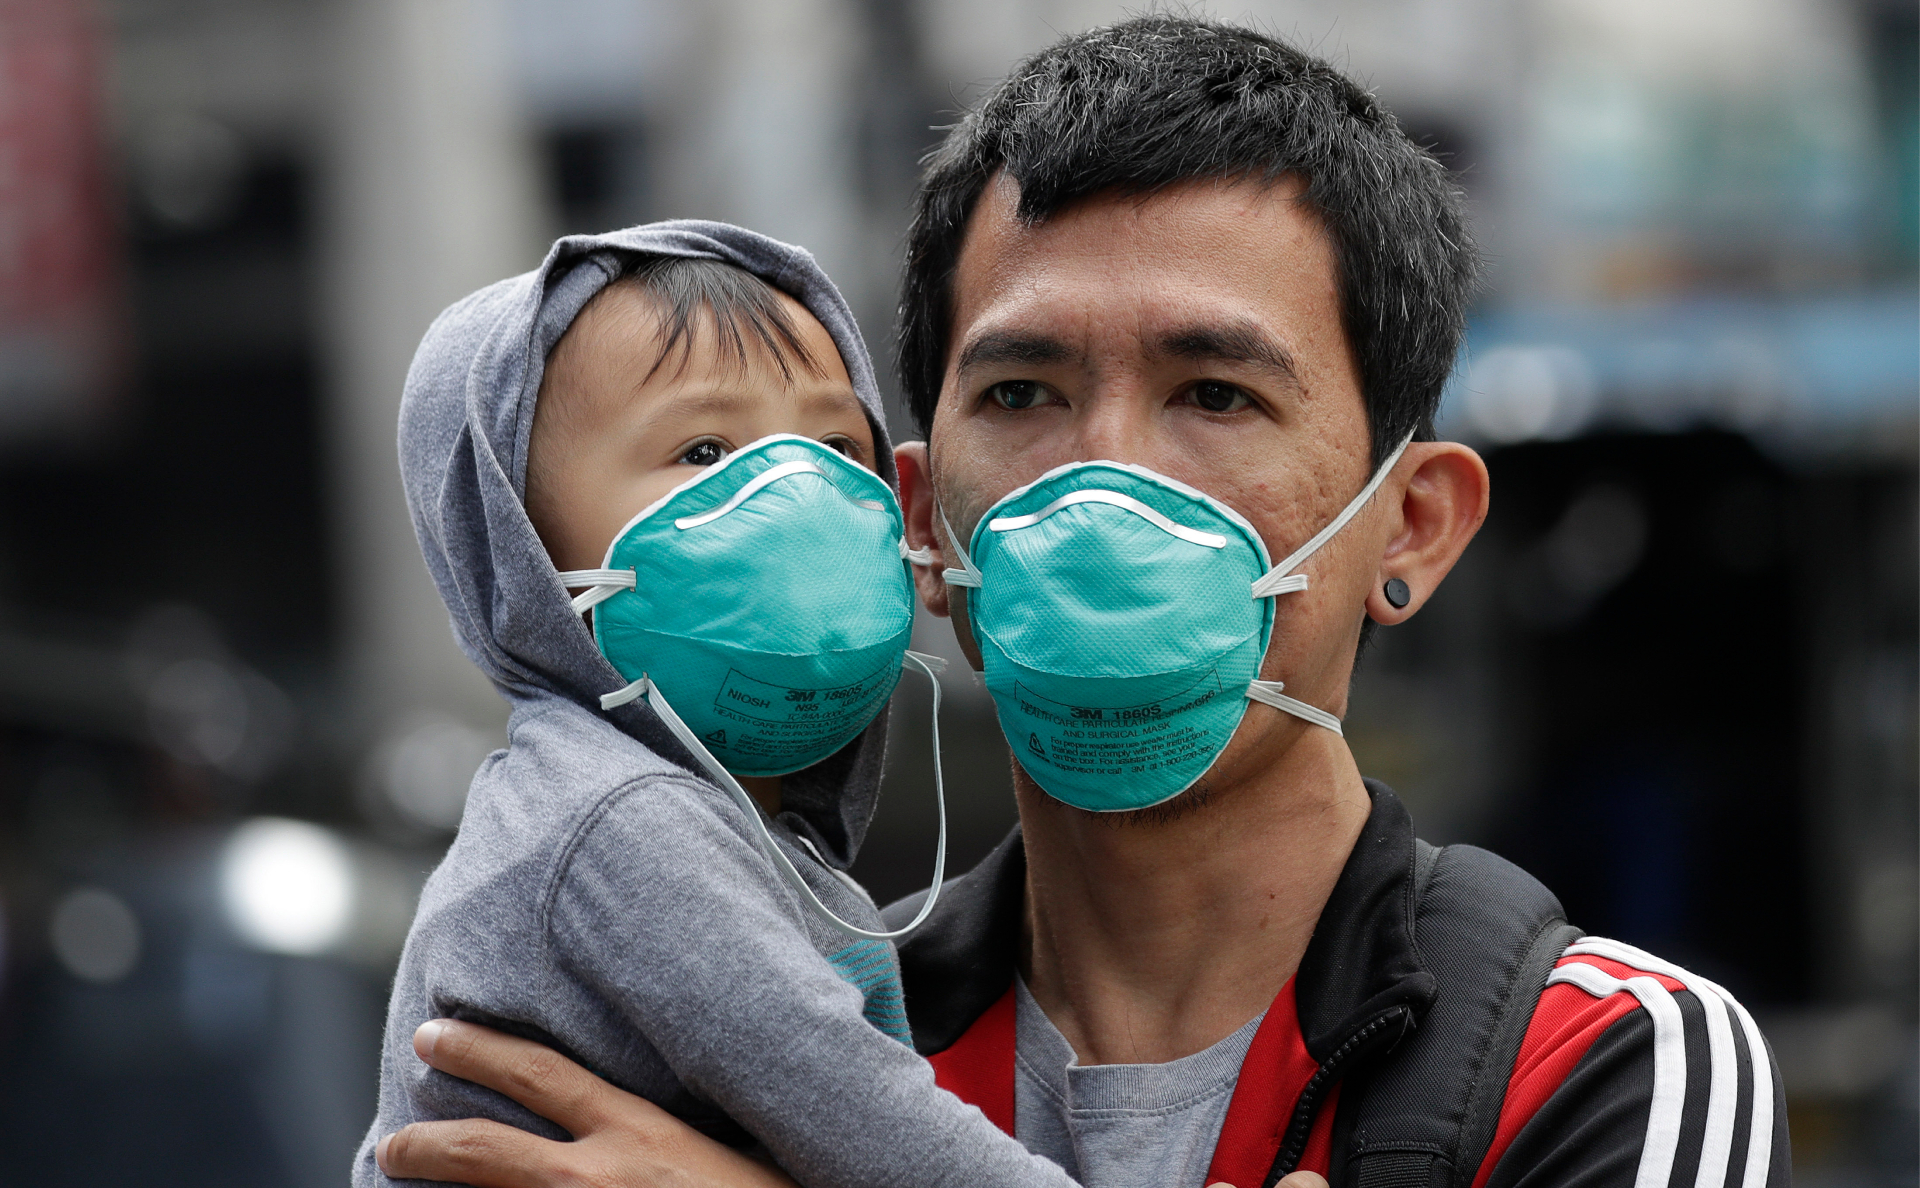 Защищают ли маски от вируса: исследование